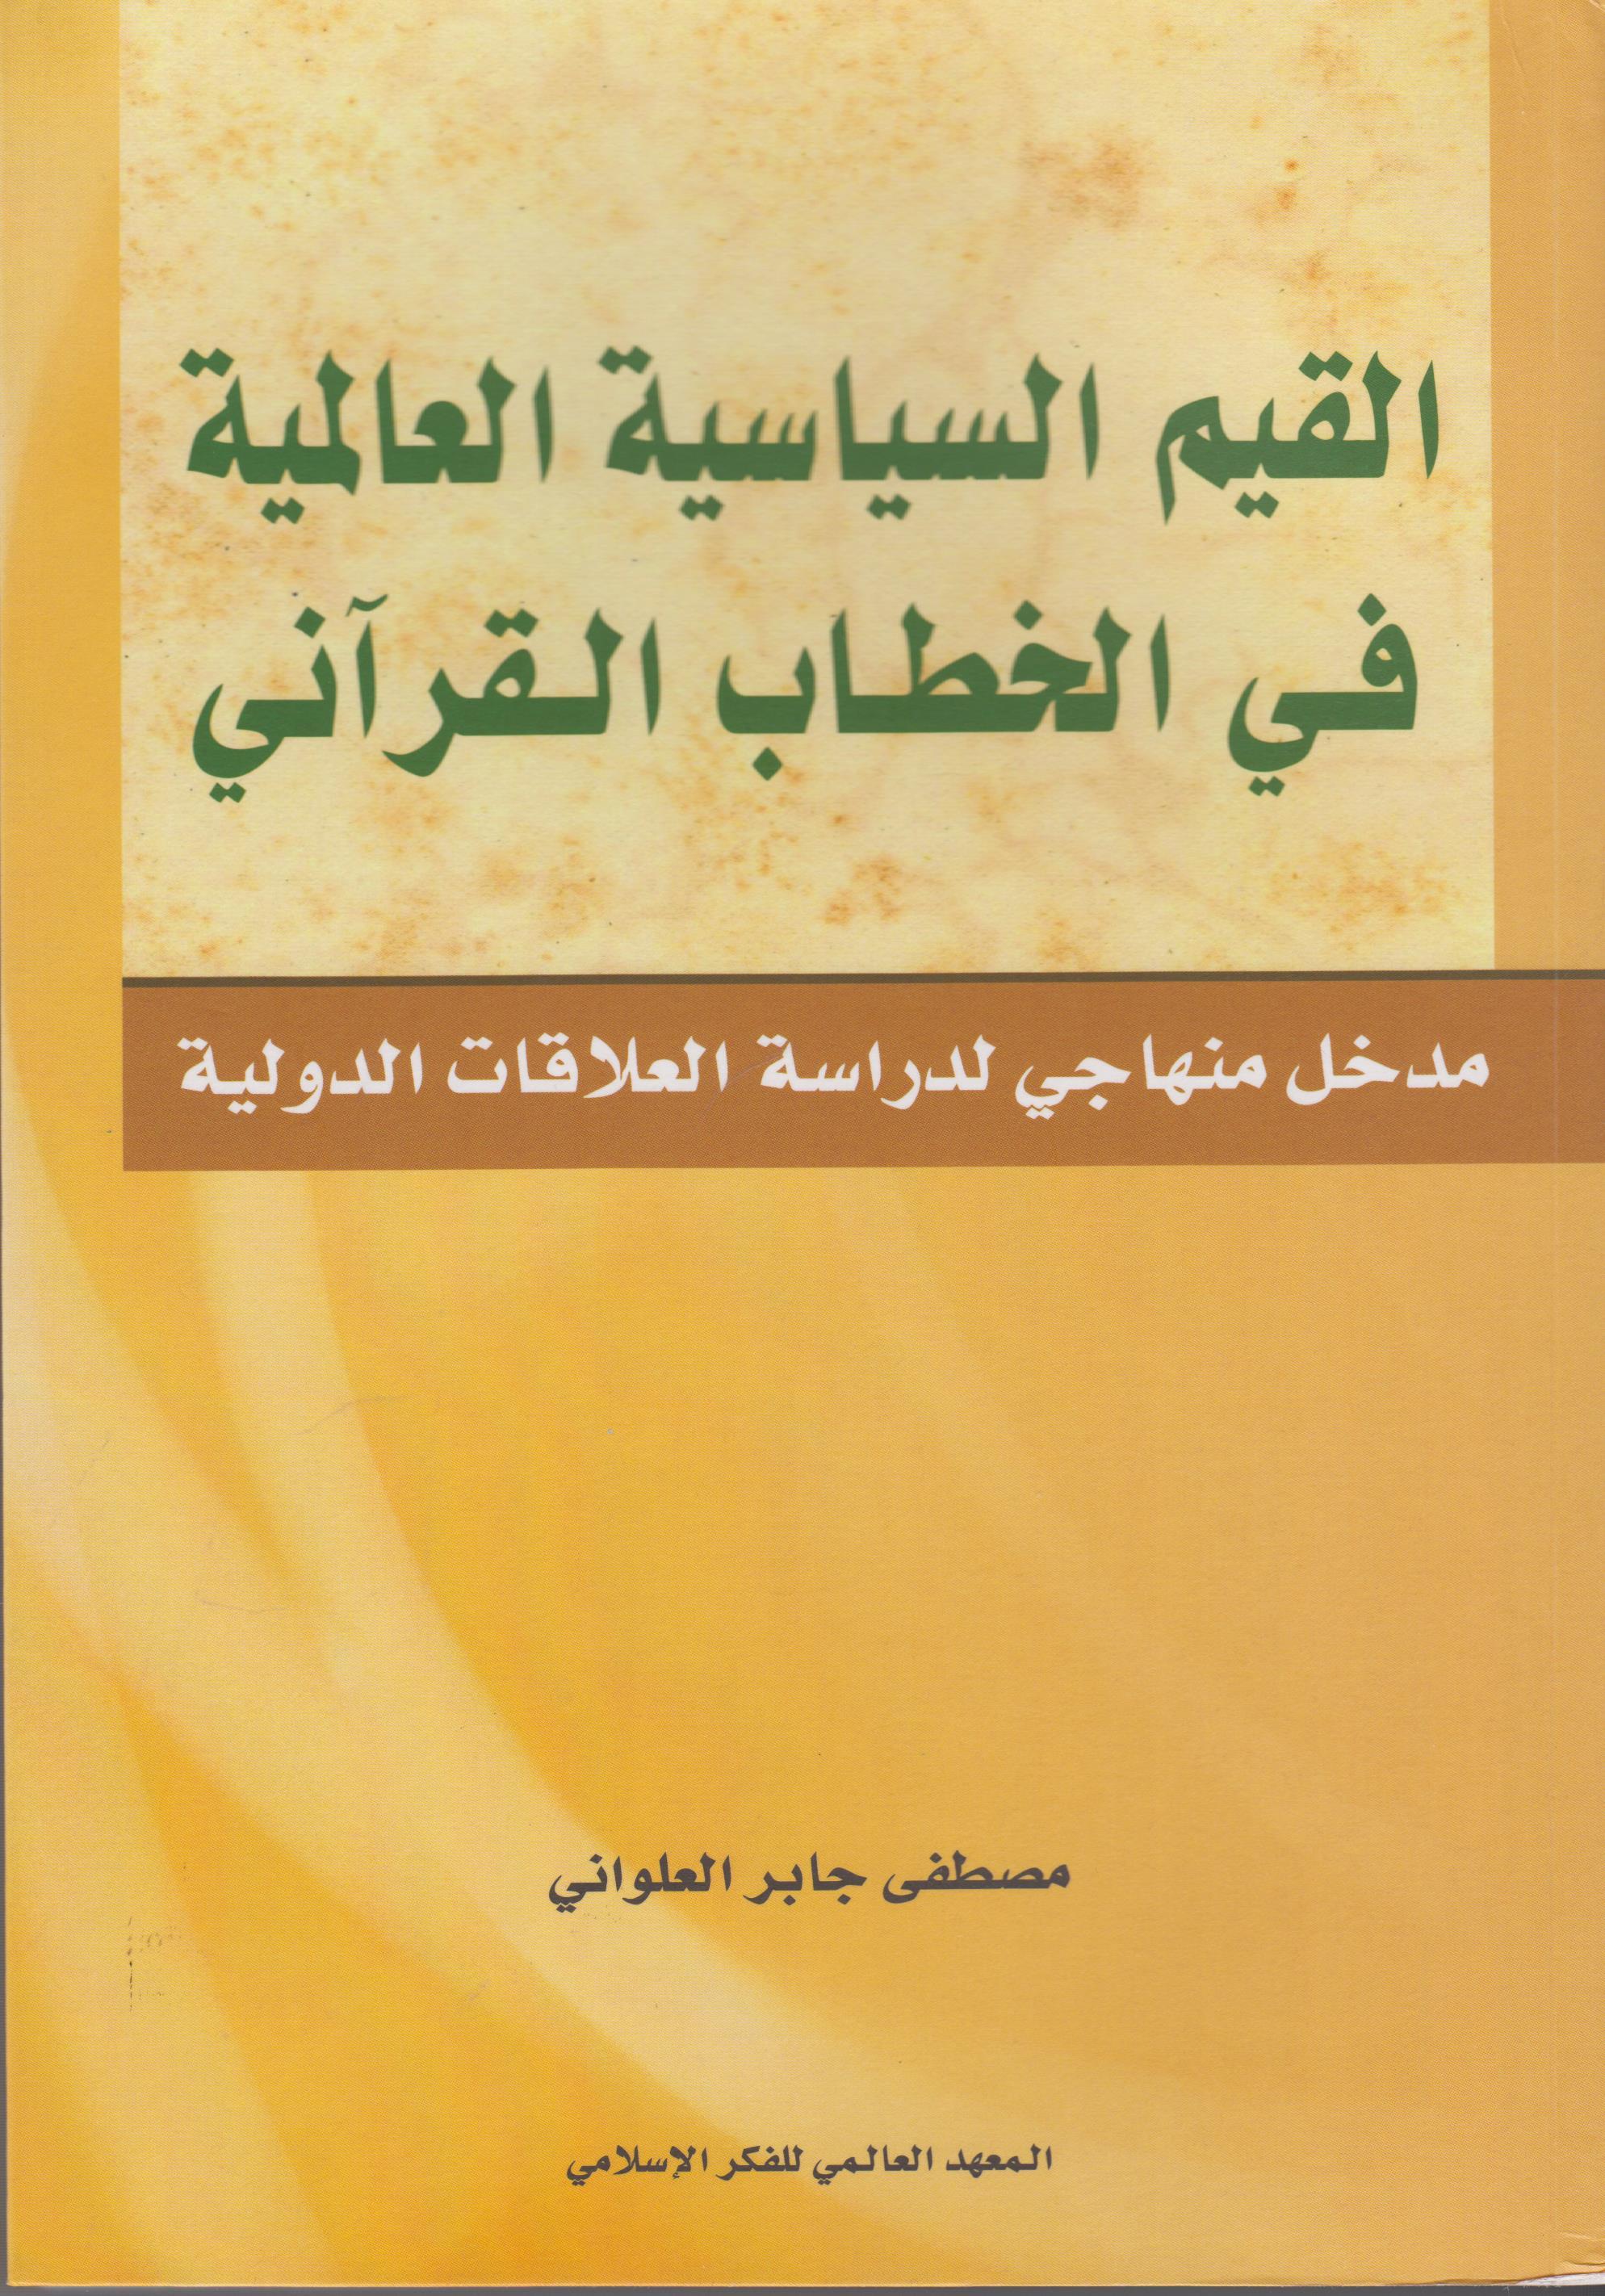 القيم السسياسية العالمية في الخطاب القرآني: مدخل منهاجي لدراسة العلاقات الدولية